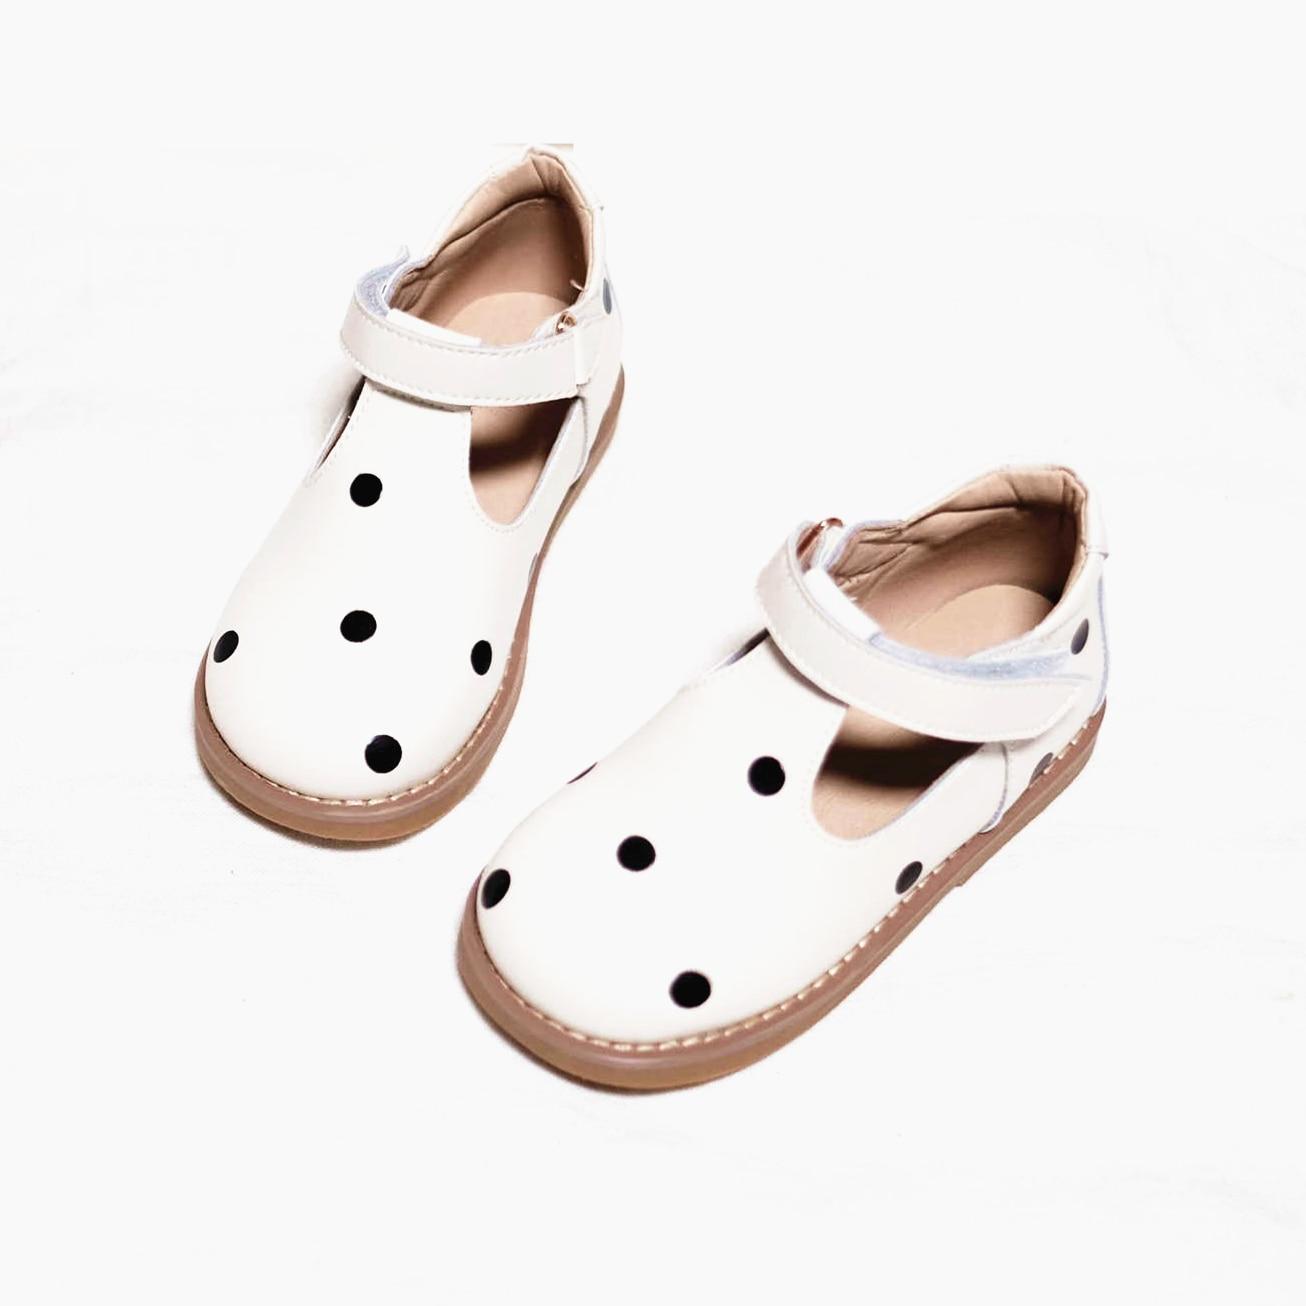 الصيف الفتيات حذاء كاجوال جلد البقر النقاط مريحة الأميرة أحذية جلد طبيعي للأطفال الصنادل أطفال أحذية مدرسة 6T